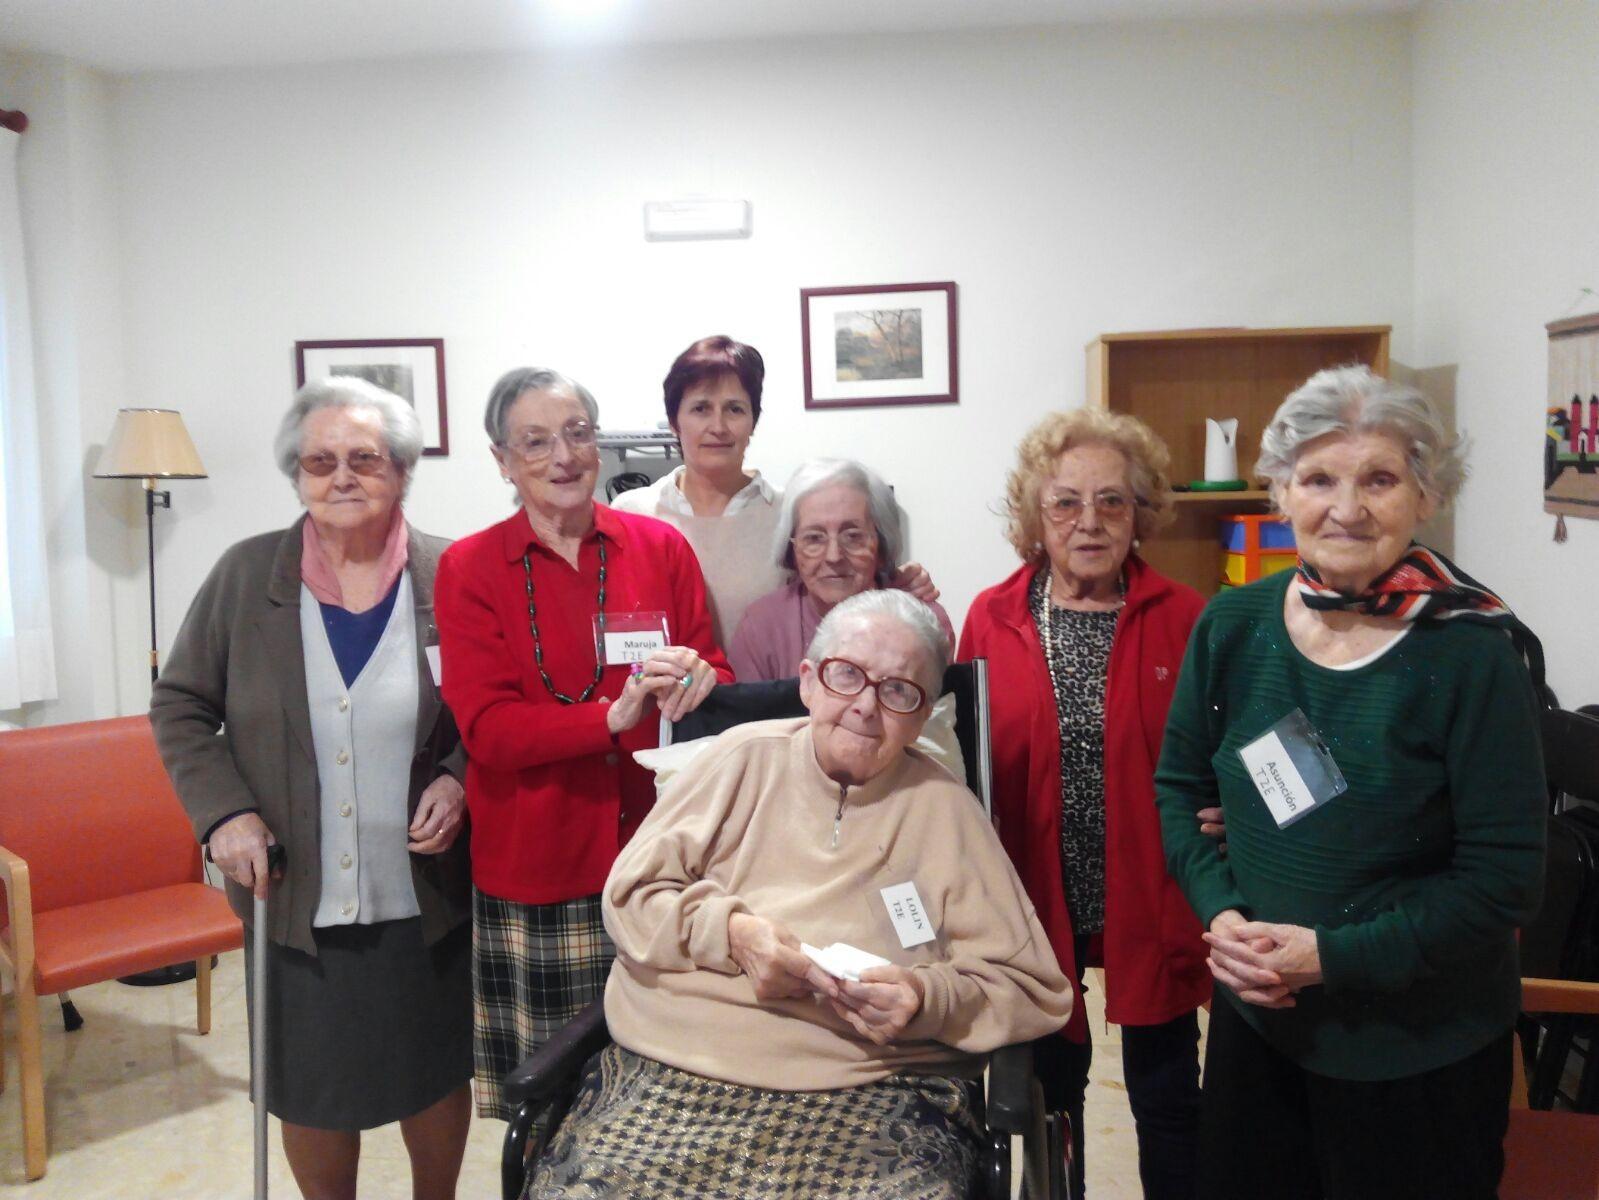 foto abuelos - Demencia en las personas mayores. El poder de las emociones como herramienta de trabajo.